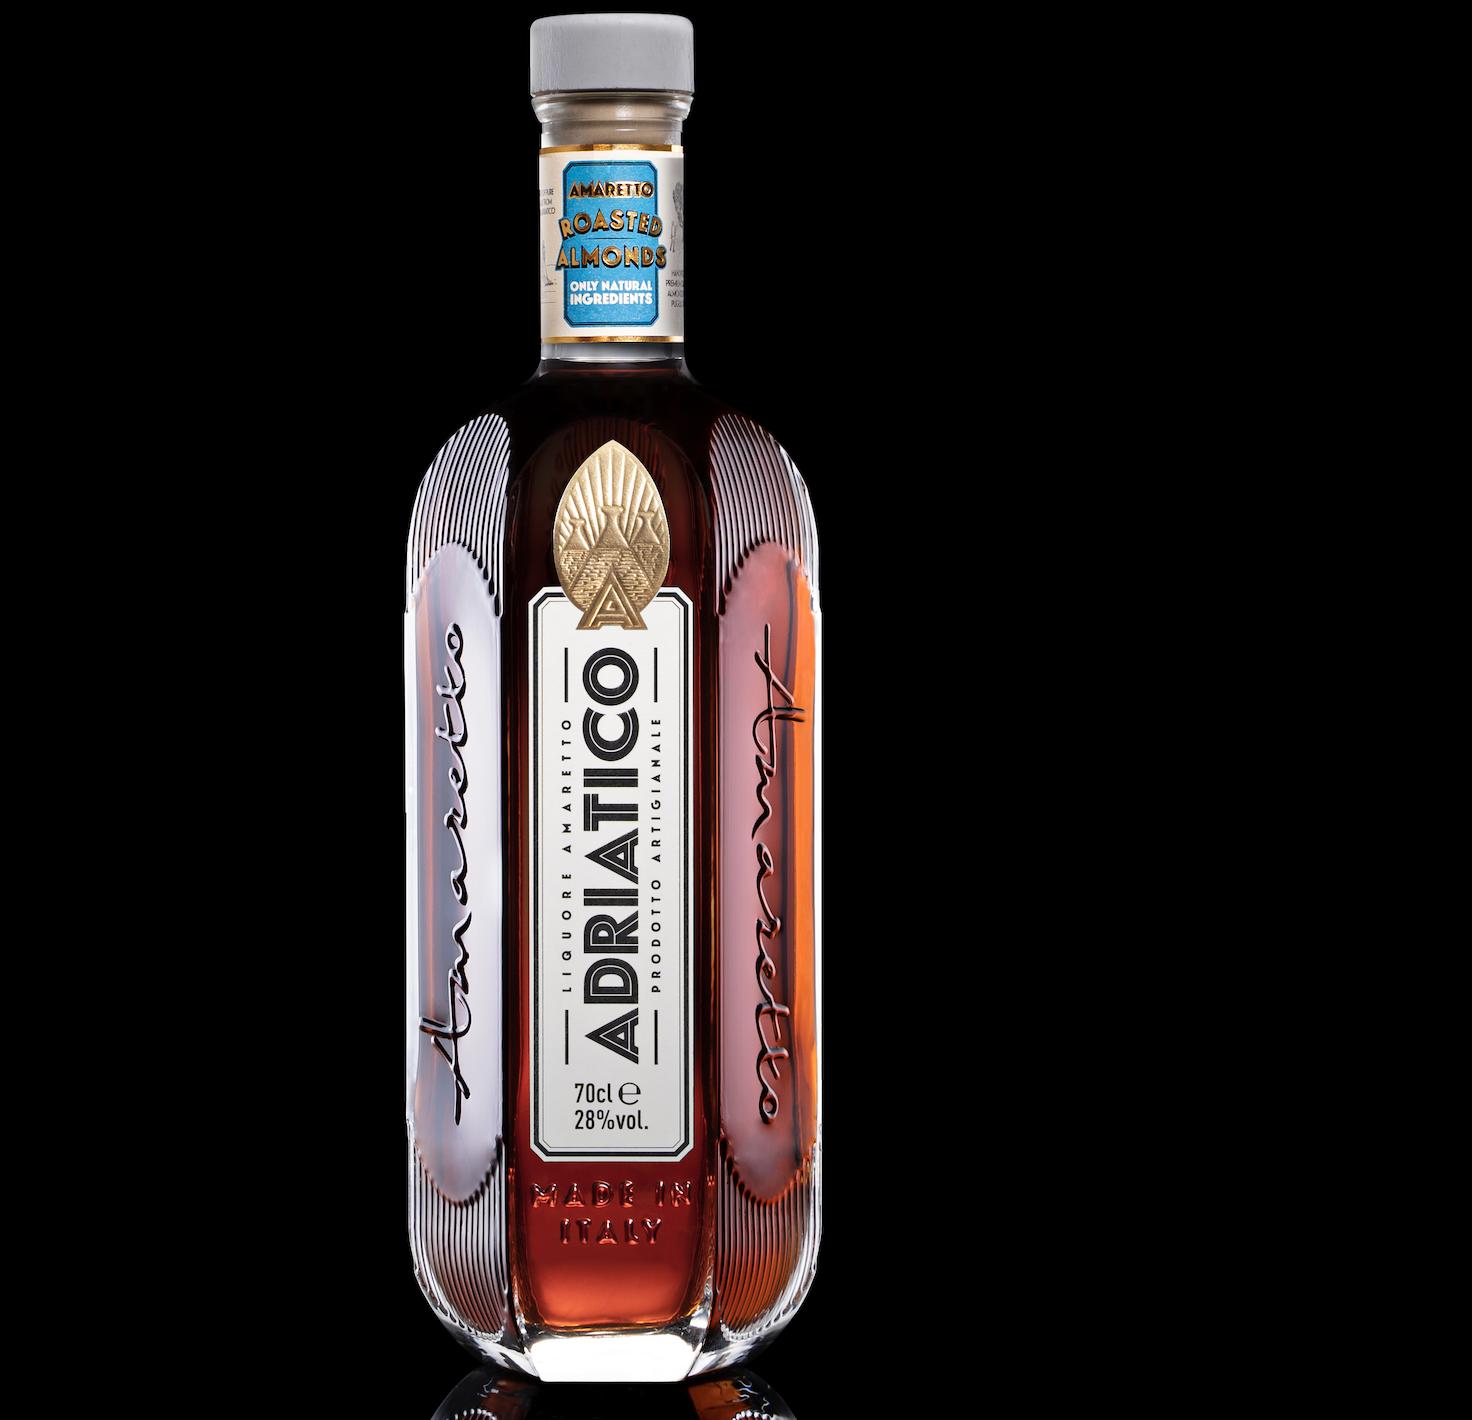 Packaging Bottle Design Adriatico Spirits Bottle Design Bottle Design Bottle Design Packaging